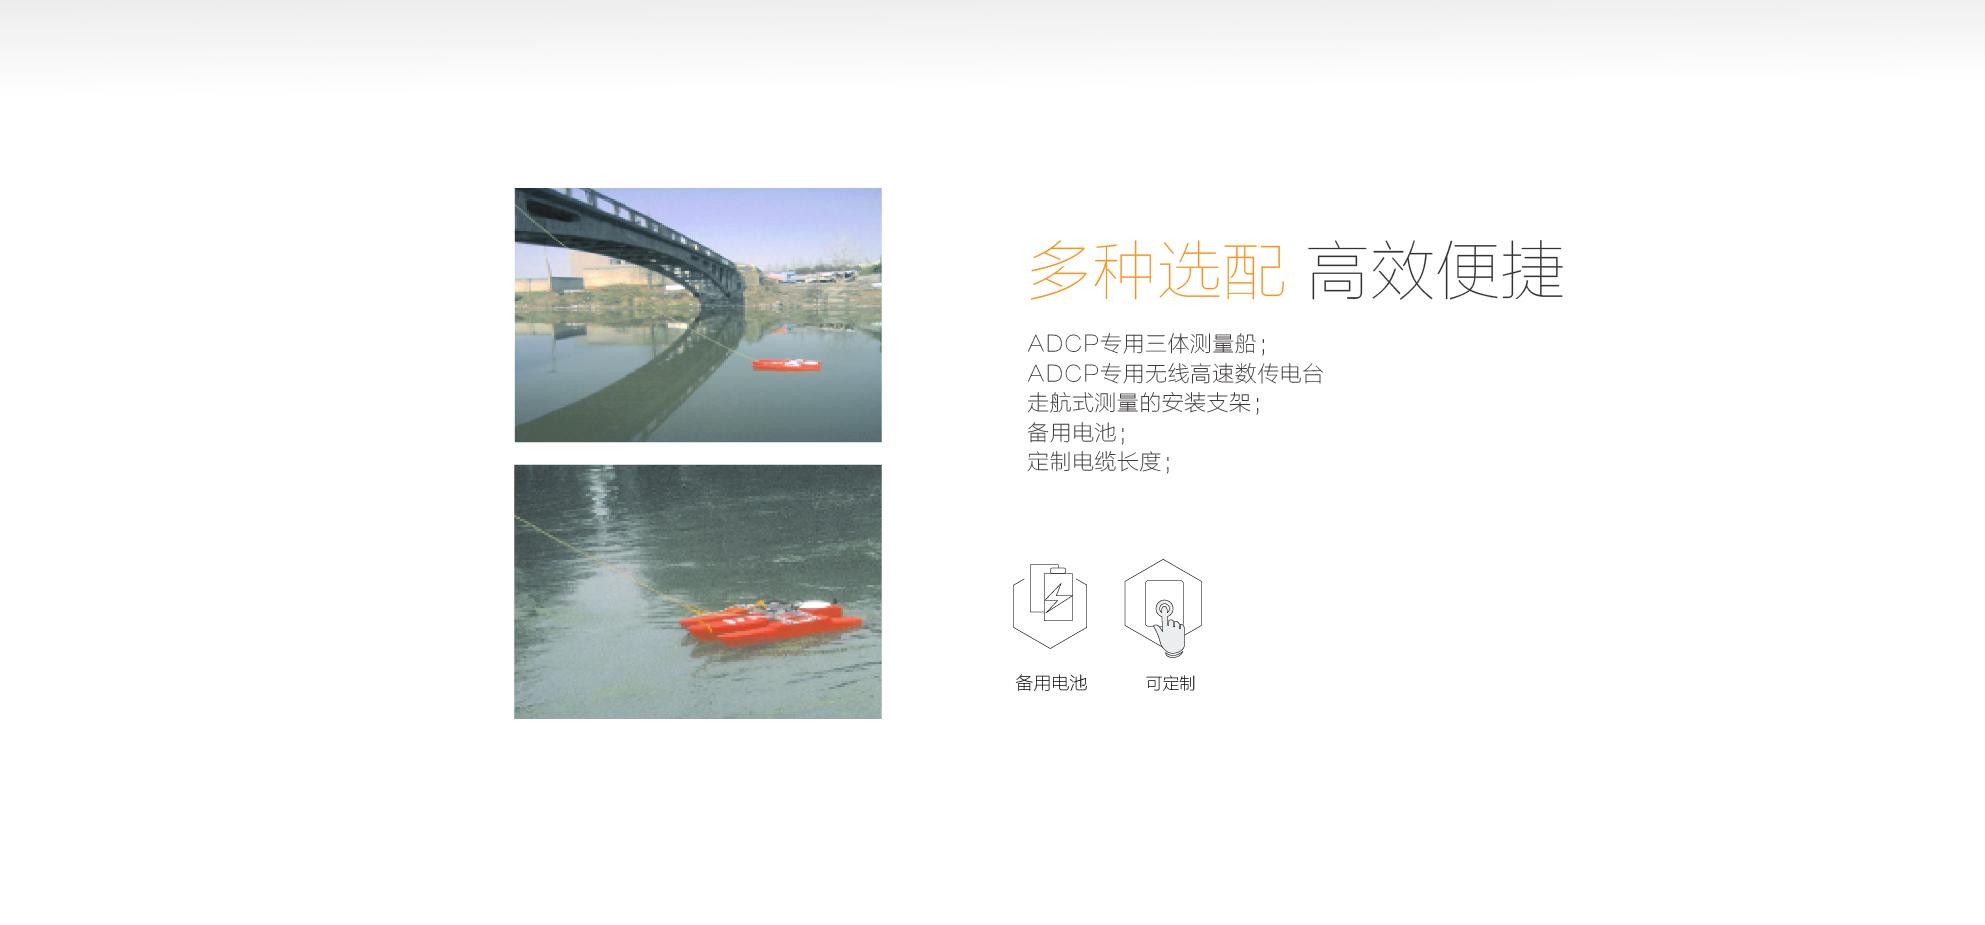 華測導航RTDP1200 ADCP多普勒流速儀,多種選配,高效便捷,備用電池,可定制,華測導航